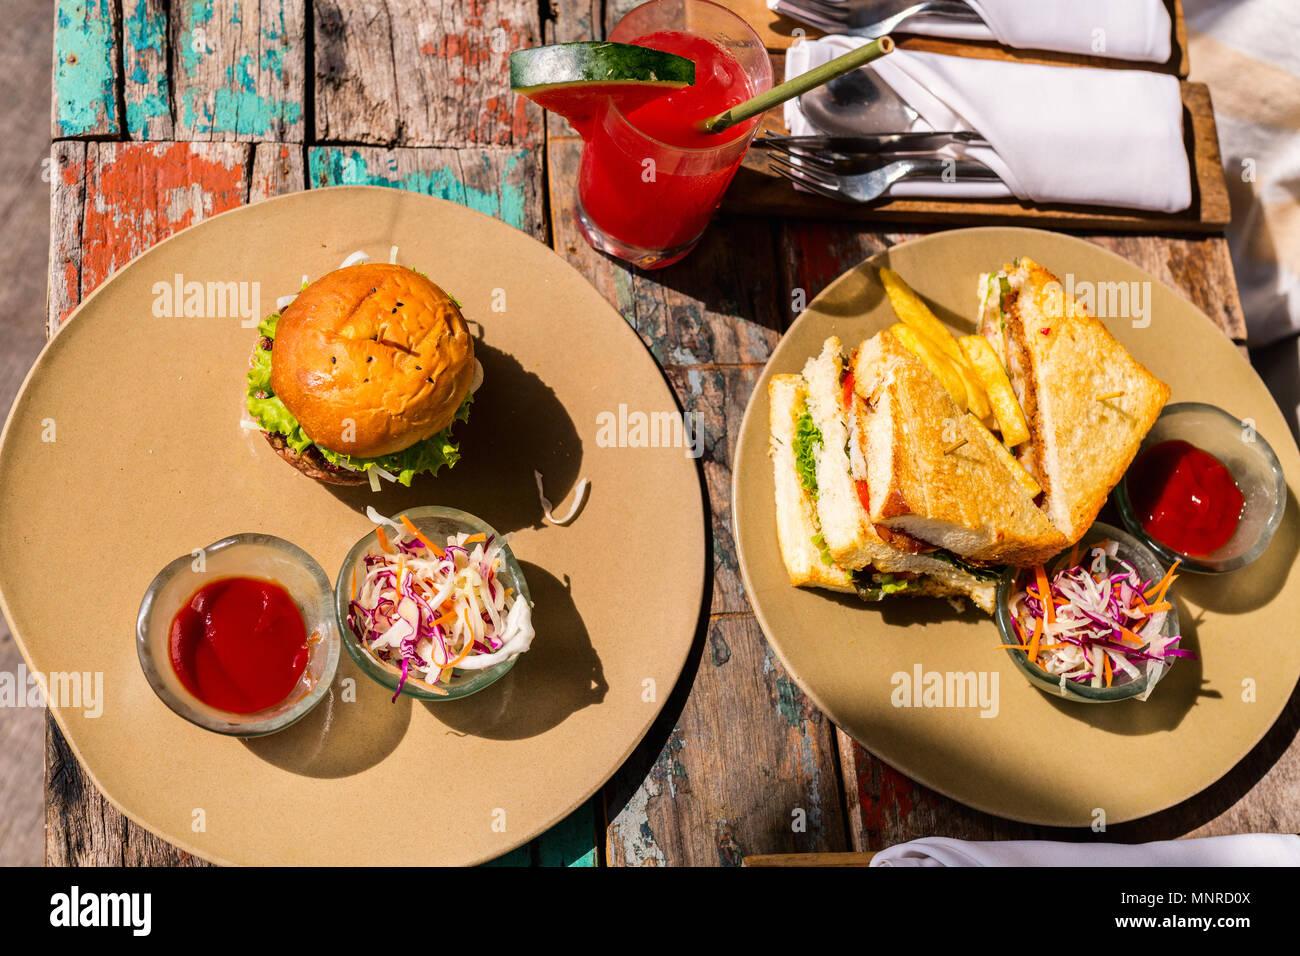 Köstlich frischer Fisch Sandwich, Burger und grünem Salat serviert zum Mittagessen Stockbild